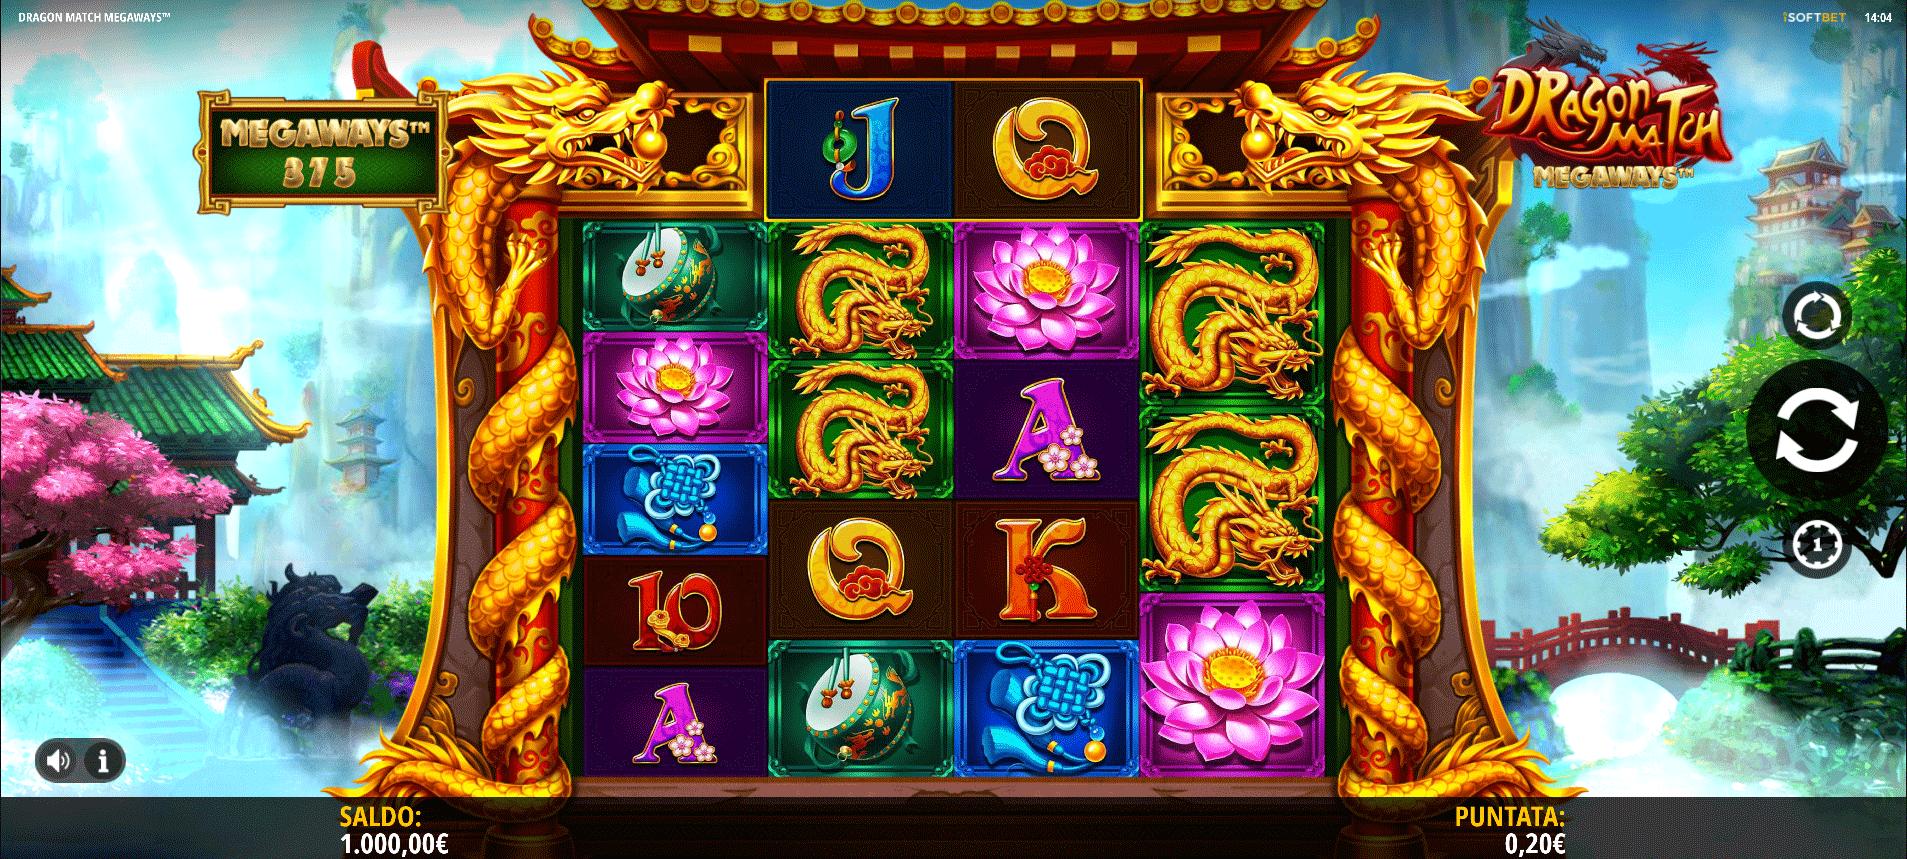 Slot Dragon Match